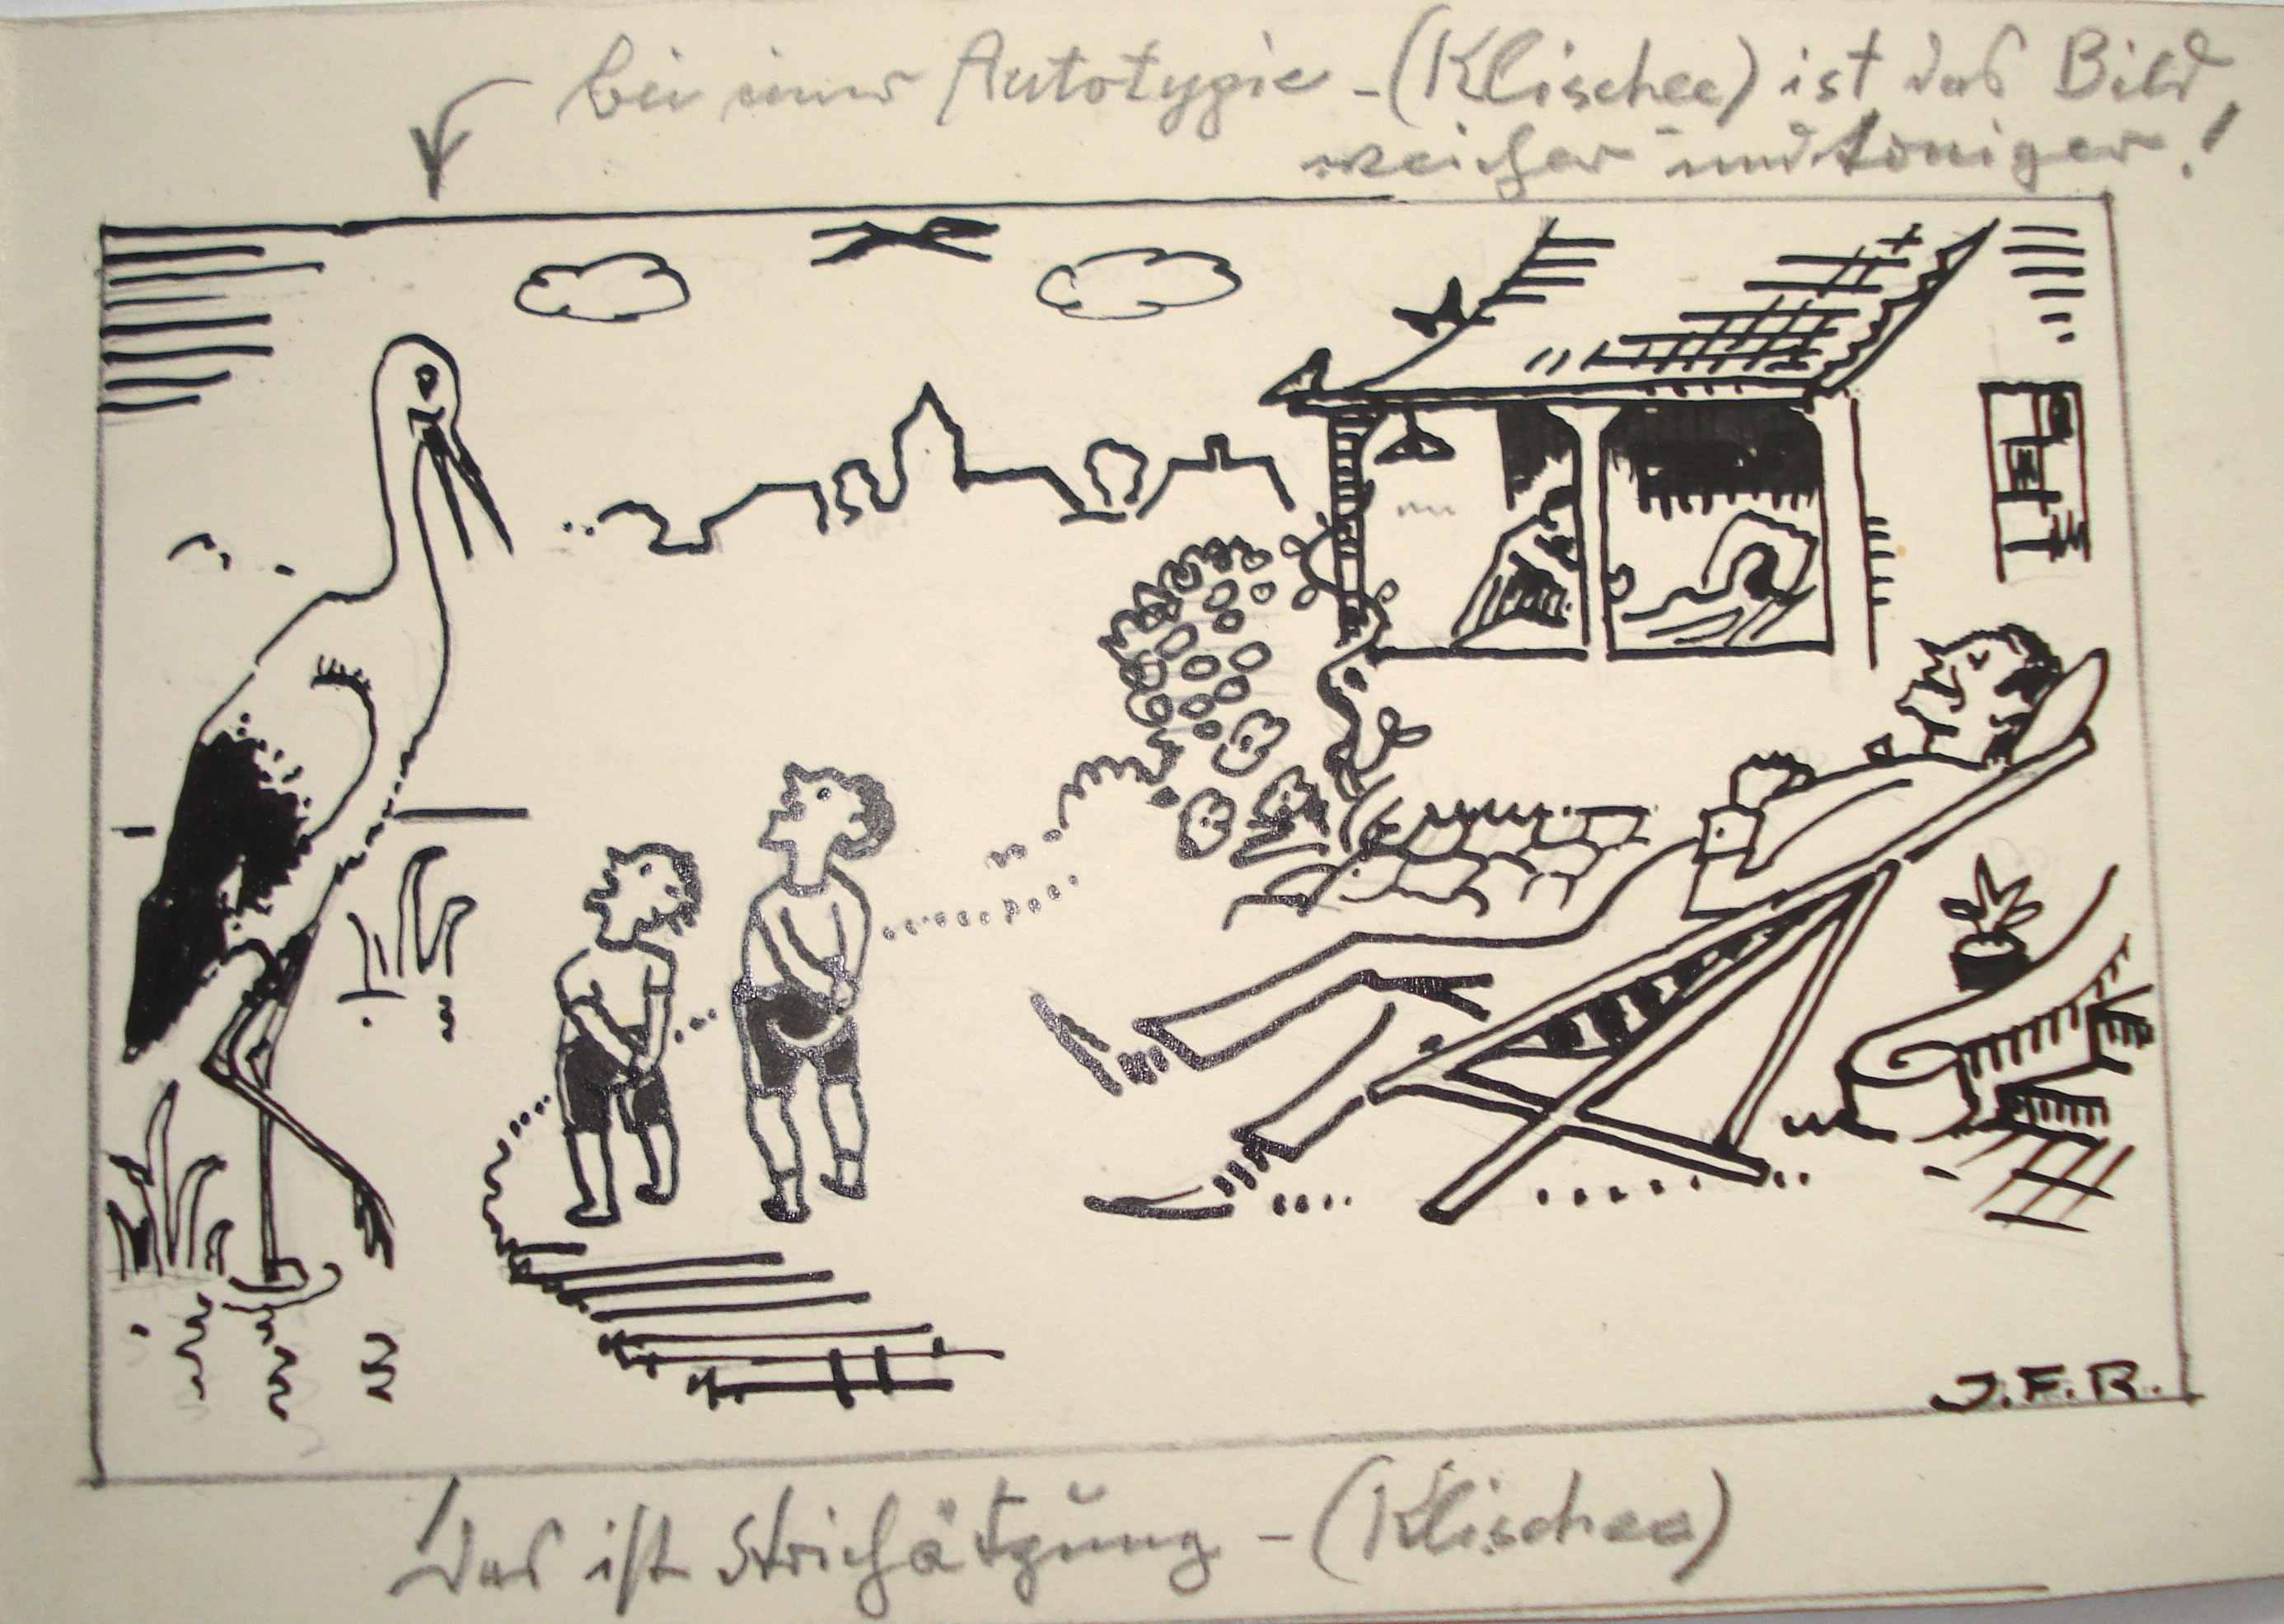 Entwurf für eine Geburtsanzeigel, 1956, für vergrößerte Ansicht anklicken!